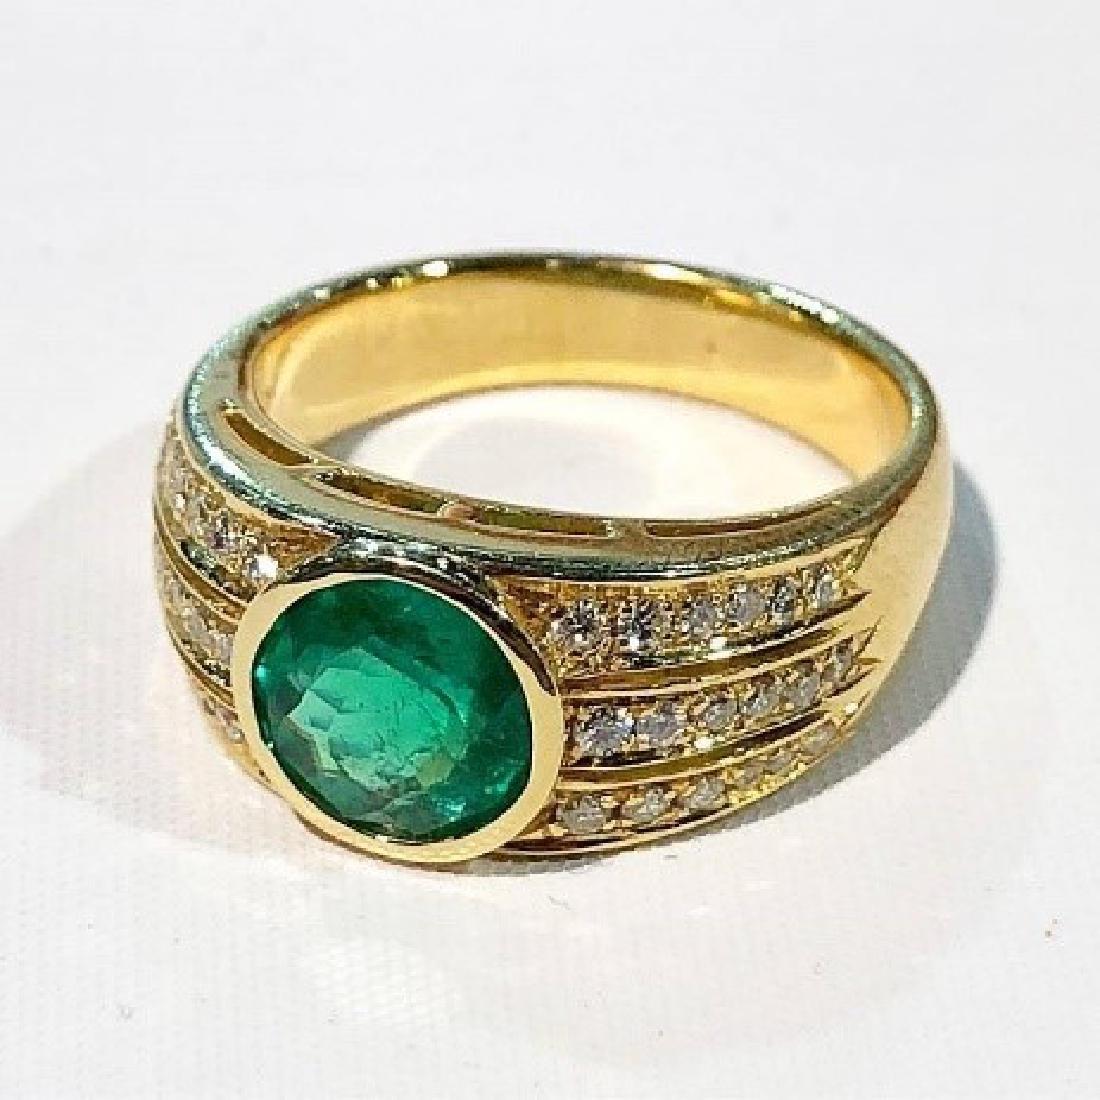 18K 3.54 Zambian Emerald & Diamond Ring.